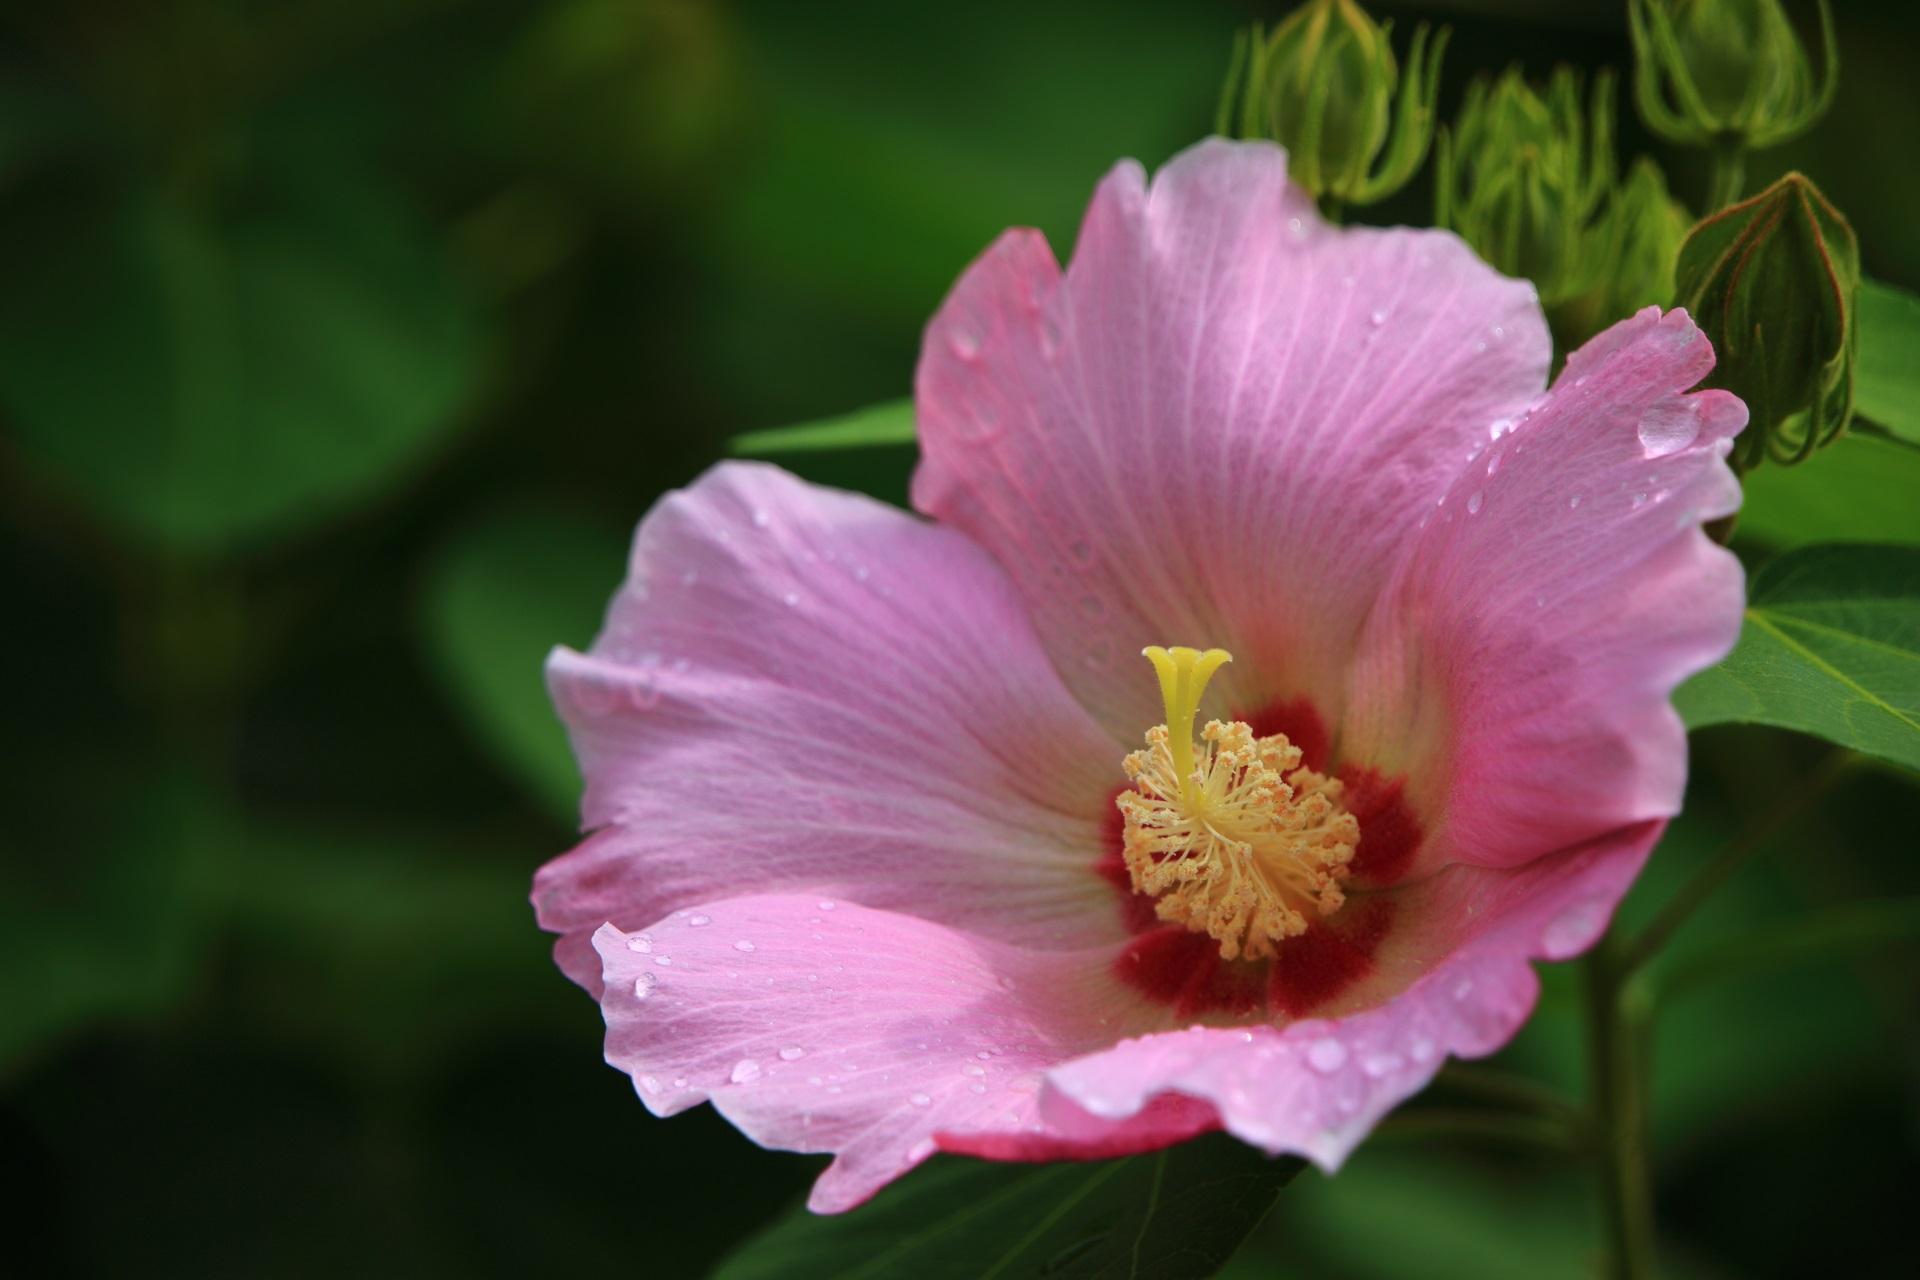 雨に濡れた妙蓮寺の芙蓉の花